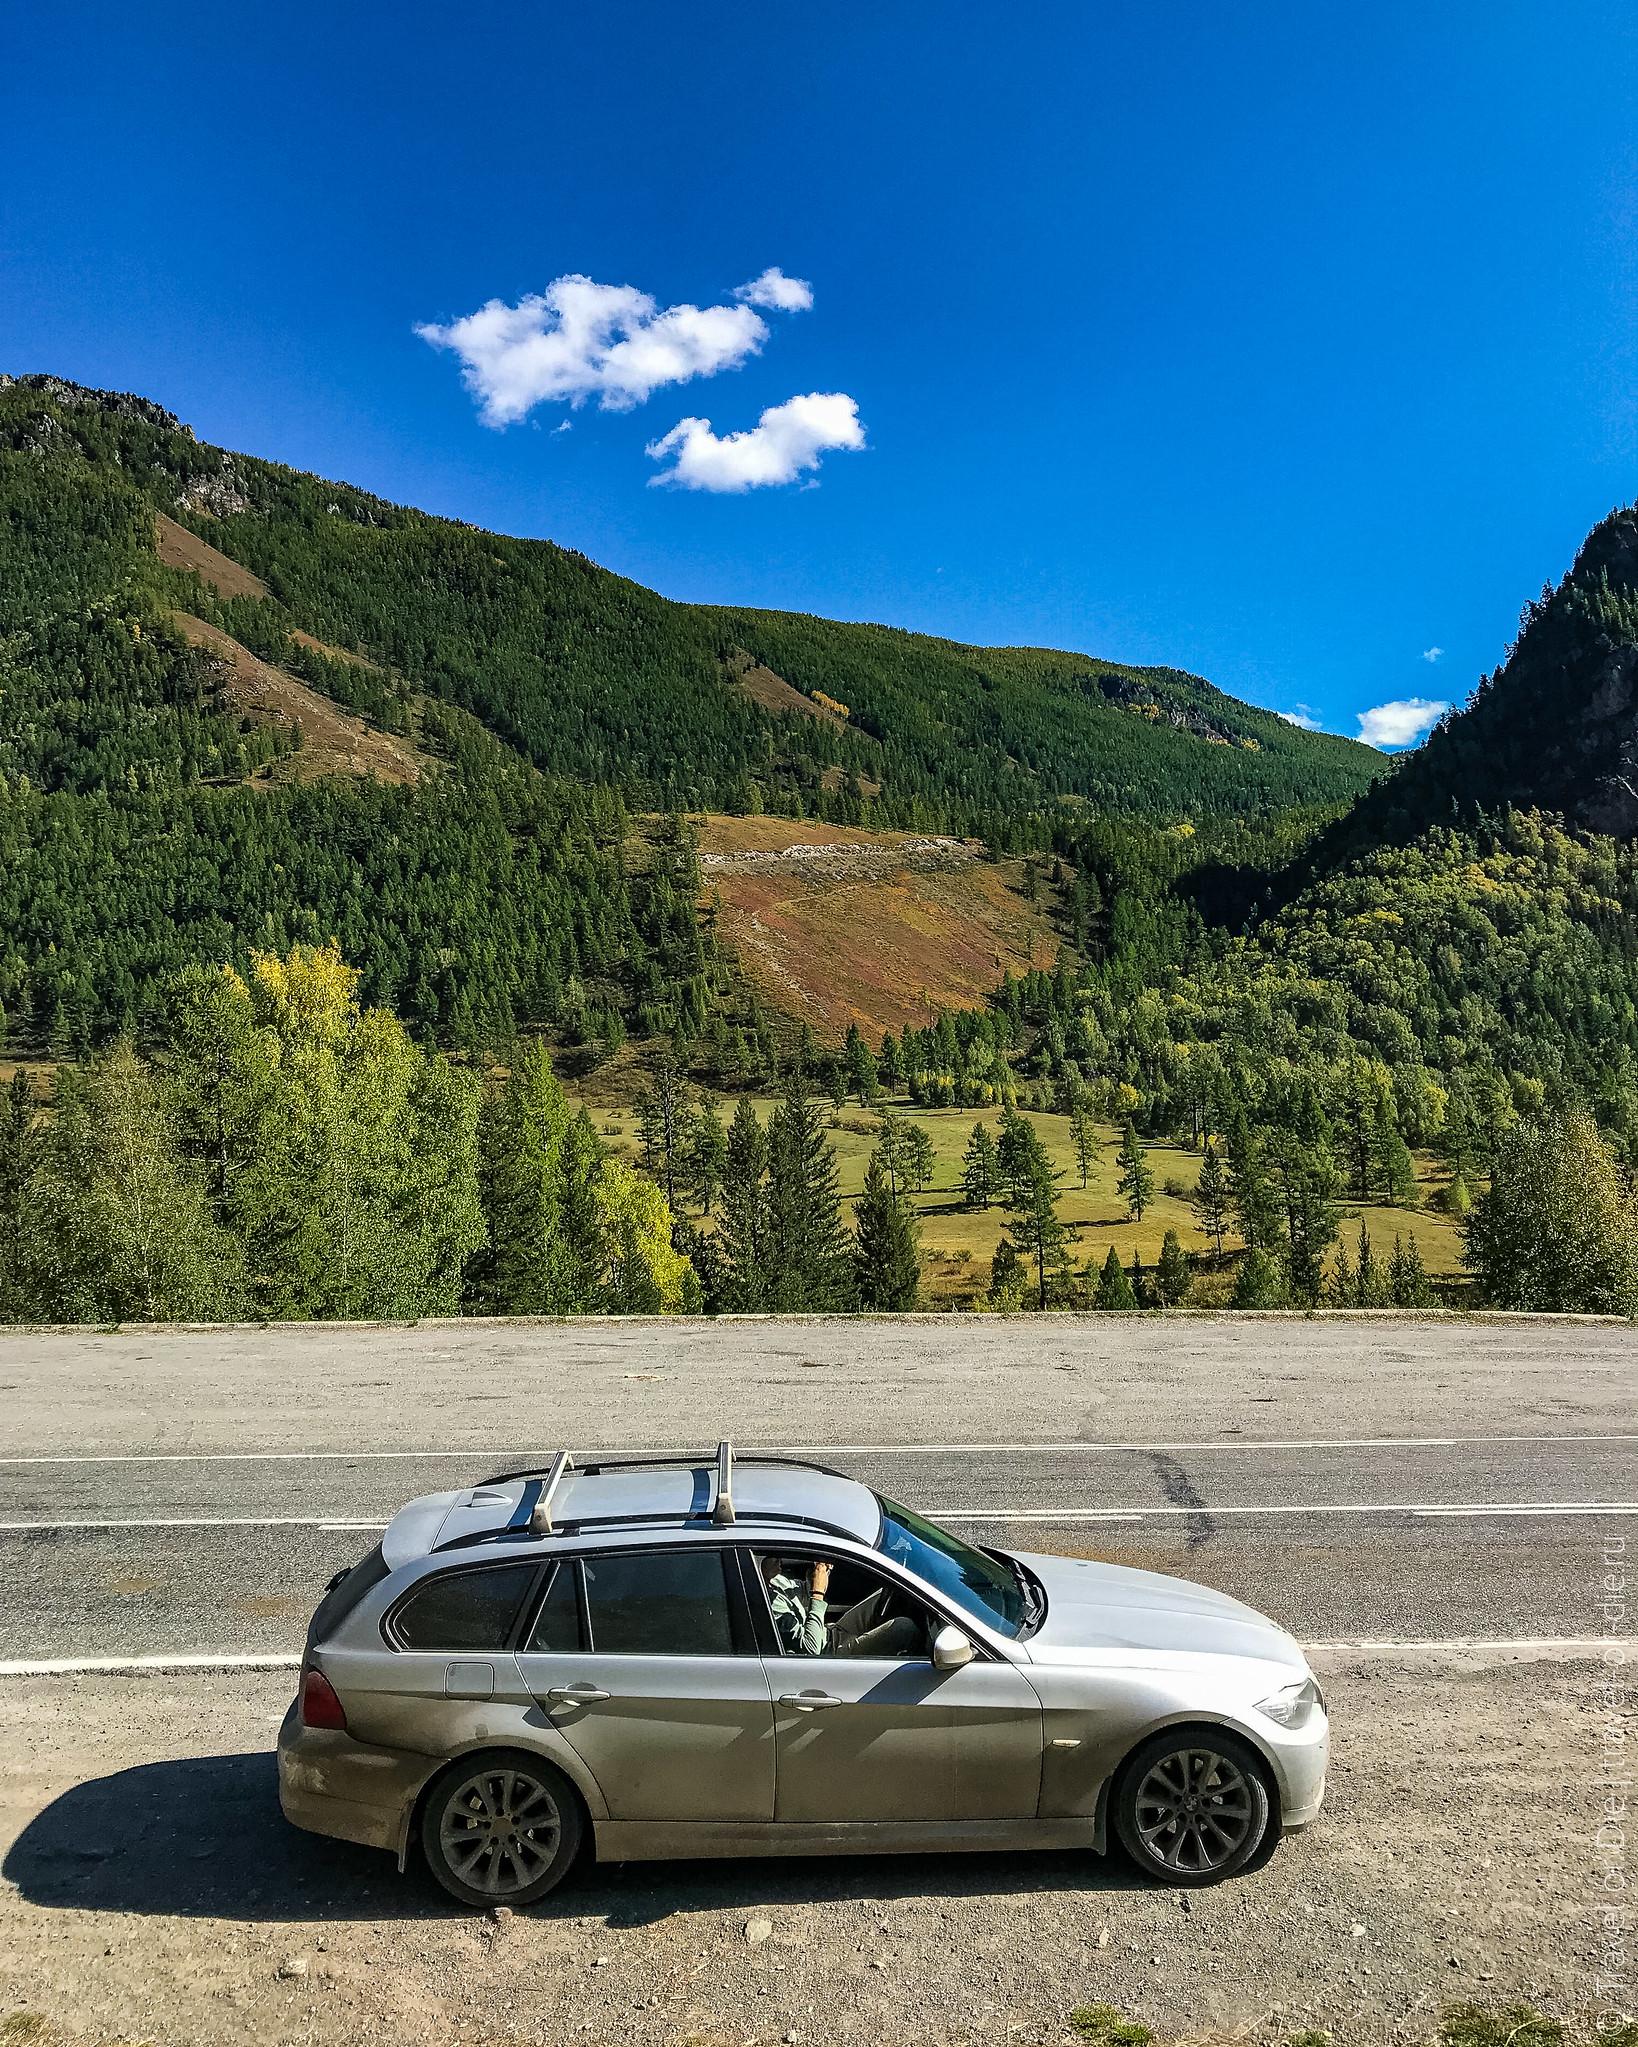 Shirlak-Waterfall-Altai-iphone-9758